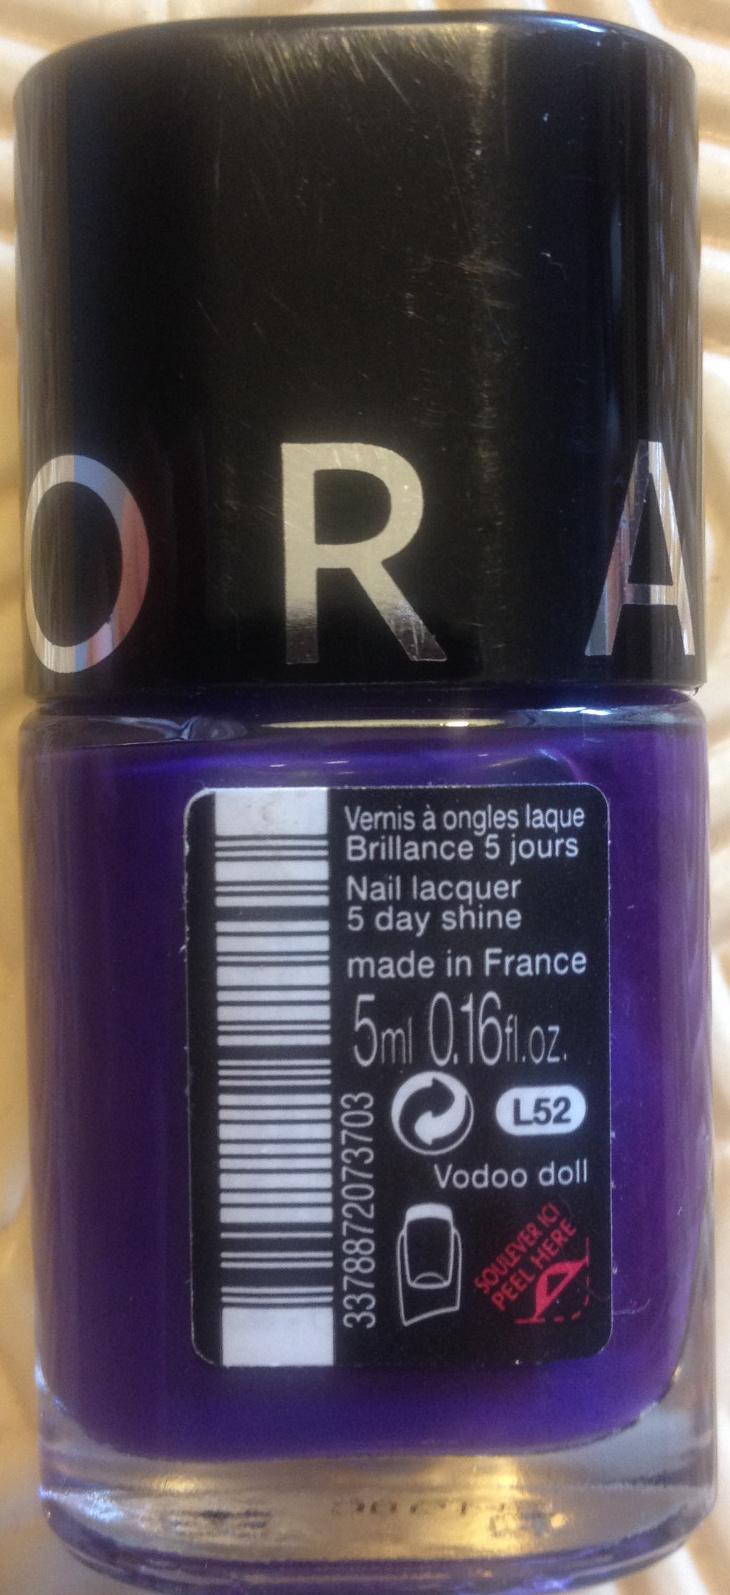 Vernis à ongles laque Brillance 5 jours L52 - Product